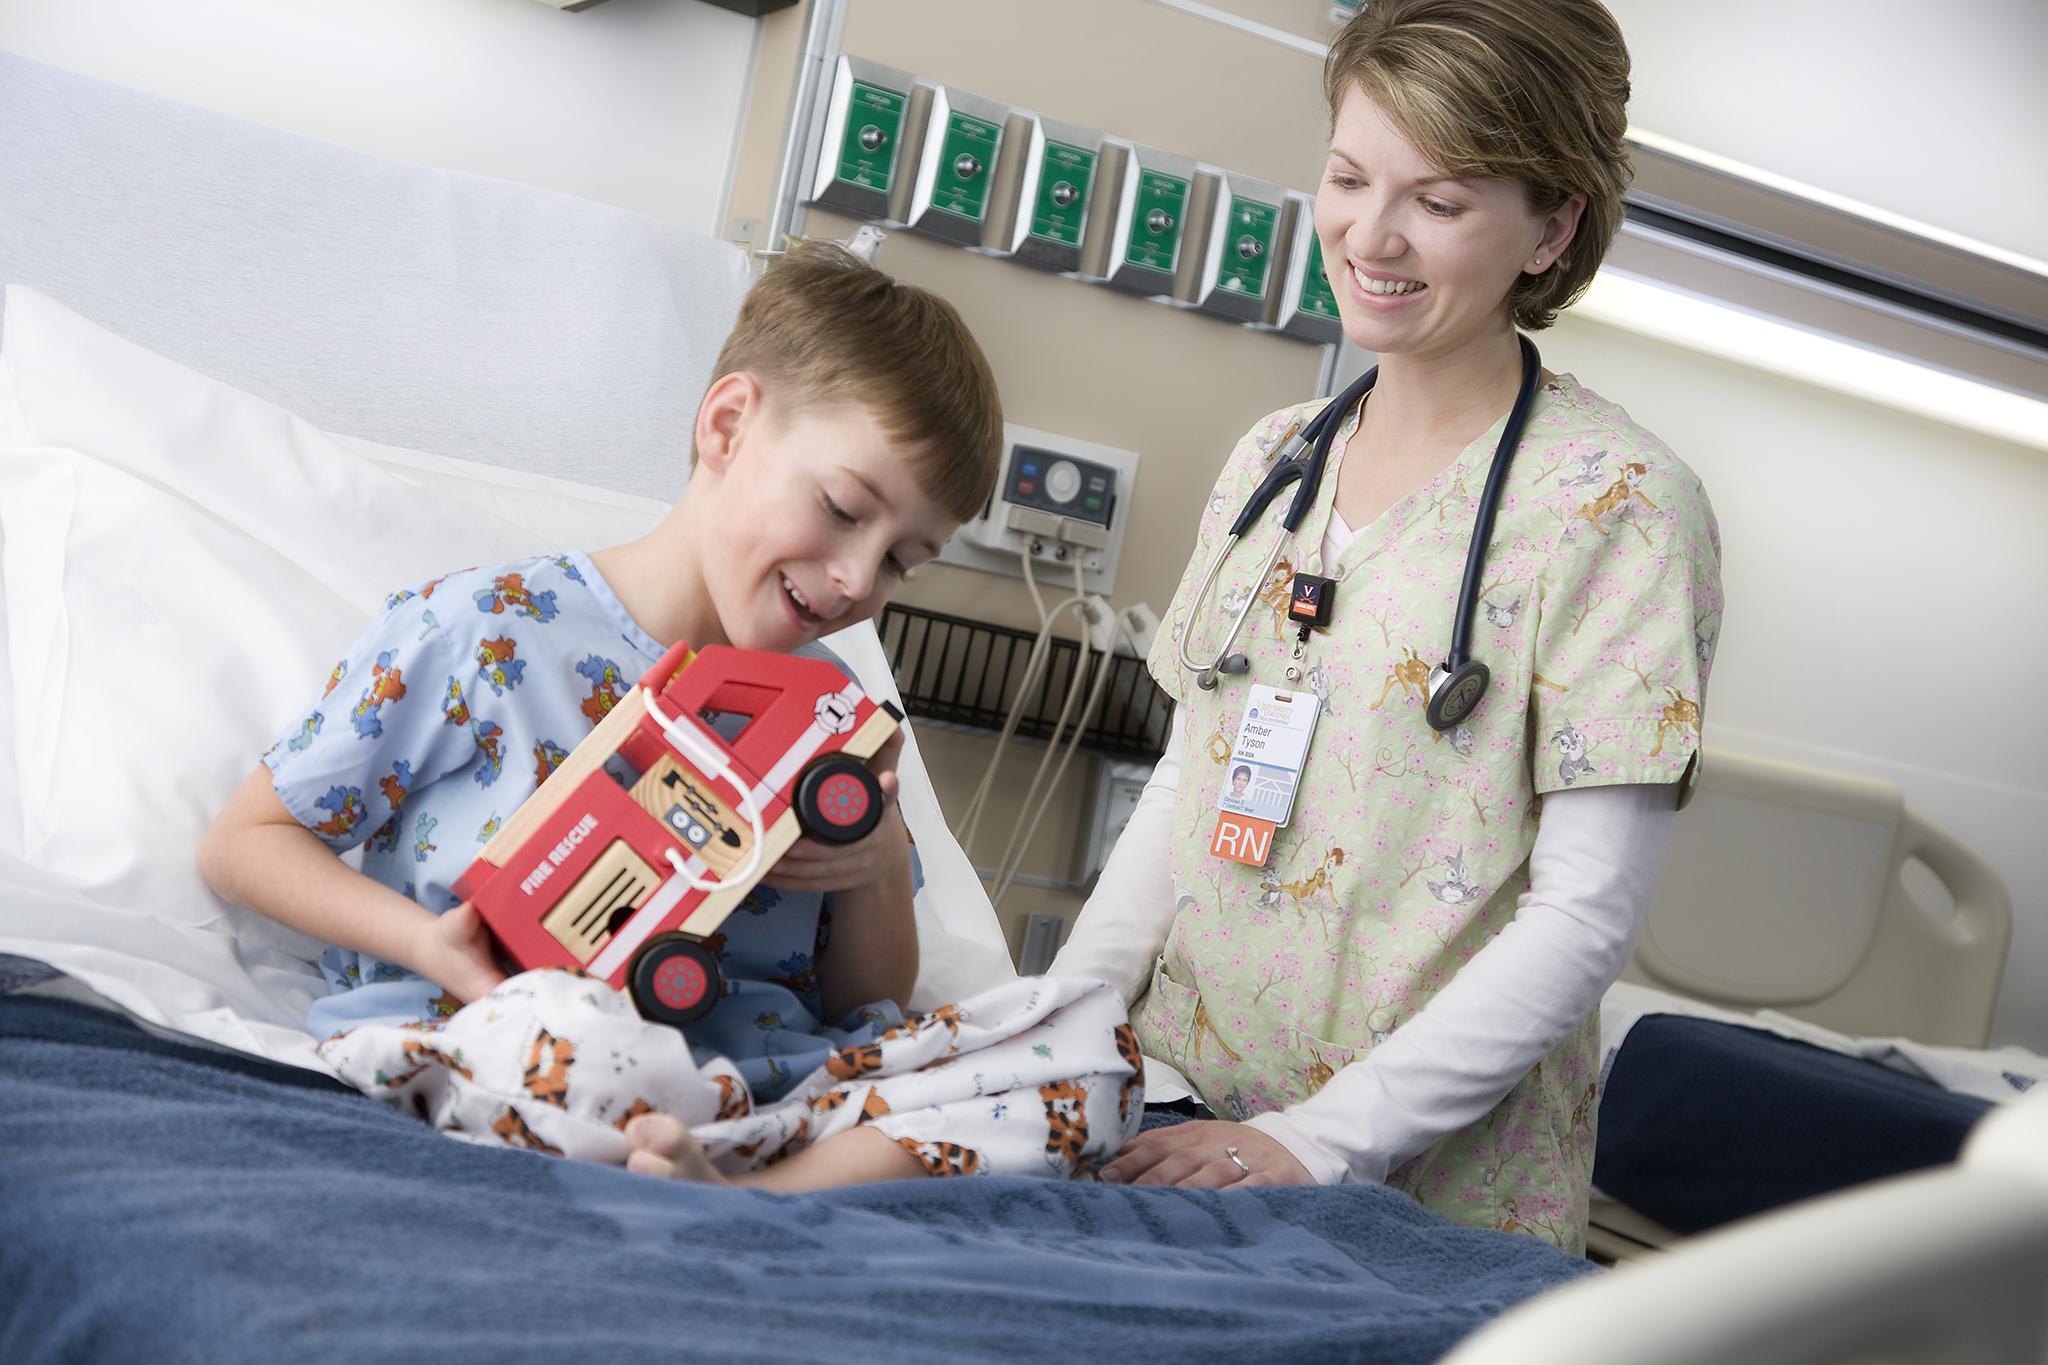 08062_Bedside Nurse 018 final 2048.jpg